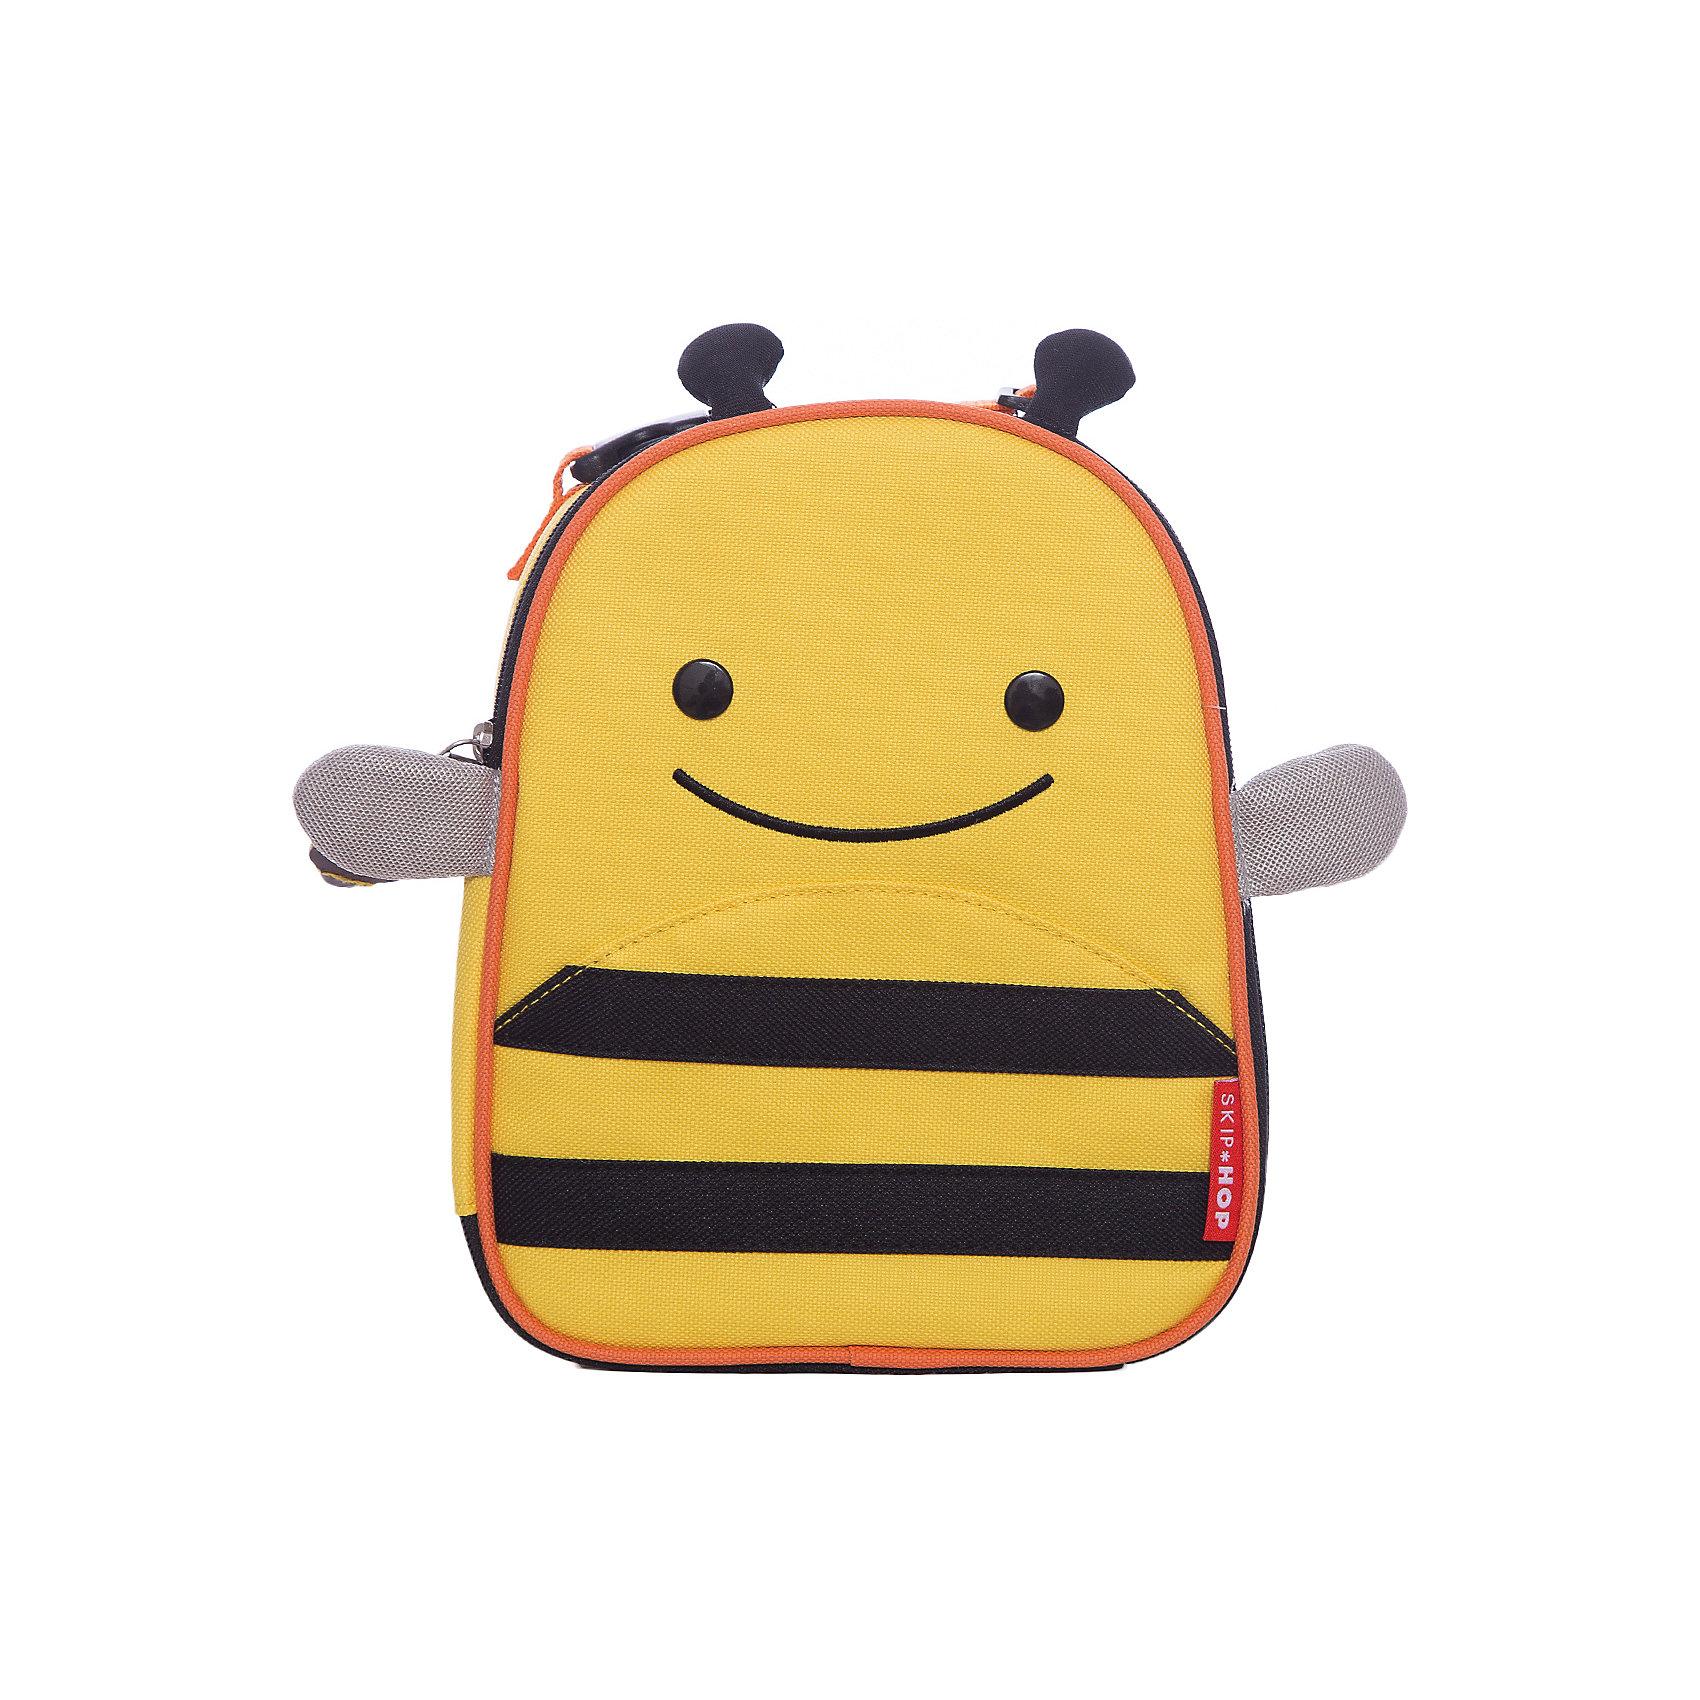 Ланч-бокс Пчела, Skip HopТермосумки и термосы<br>Характеристики товара:<br><br>• возраст от 3 лет;<br>• материал: полиэстер;<br>• размер сумки 20х23х8 см;<br>• размер упаковки 20х24х9 см;<br>• вес упаковки 215 гр.;<br>• страна производитель: Китай.<br><br>Ланч-бокс «Собака» Skip Hop — незаменимый аксессуар для хранения продуктов на пикнике, в путешествии, на прогулке. Сумочка выполнена в виде собачки с ушками и глазками. Сумка сохраняет тепло и холод, поэтому все продукты останутся свежими. Внутри имеется небольшой сетчатый кармашек для столовых приборов. Для переноски предусмотрена тканевая регулируемая ручка. Сумка изготовлена из прочного износостойкого материала.<br><br>Ланч-бокс «Собака» Skip Hop можно приобрести в нашем интернет-магазине.<br><br>Ширина мм: 200<br>Глубина мм: 90<br>Высота мм: 240<br>Вес г: 215<br>Возраст от месяцев: 24<br>Возраст до месяцев: 72<br>Пол: Унисекс<br>Возраст: Детский<br>SKU: 5608252